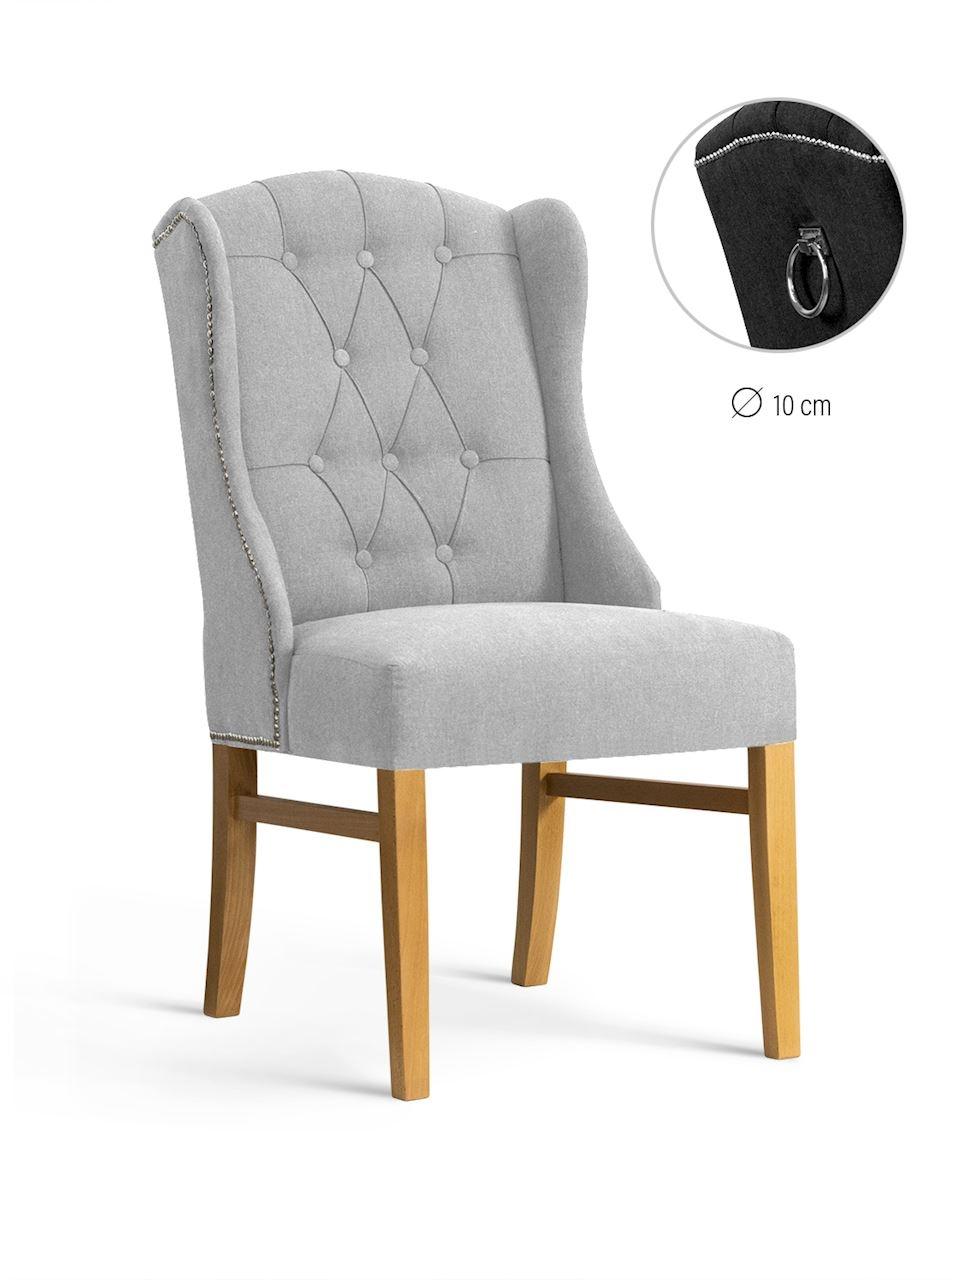 Scaun tapitat cu stofa, cu picioare din lemn Royal Light Grey / Oak, l55xA74xH105 cm